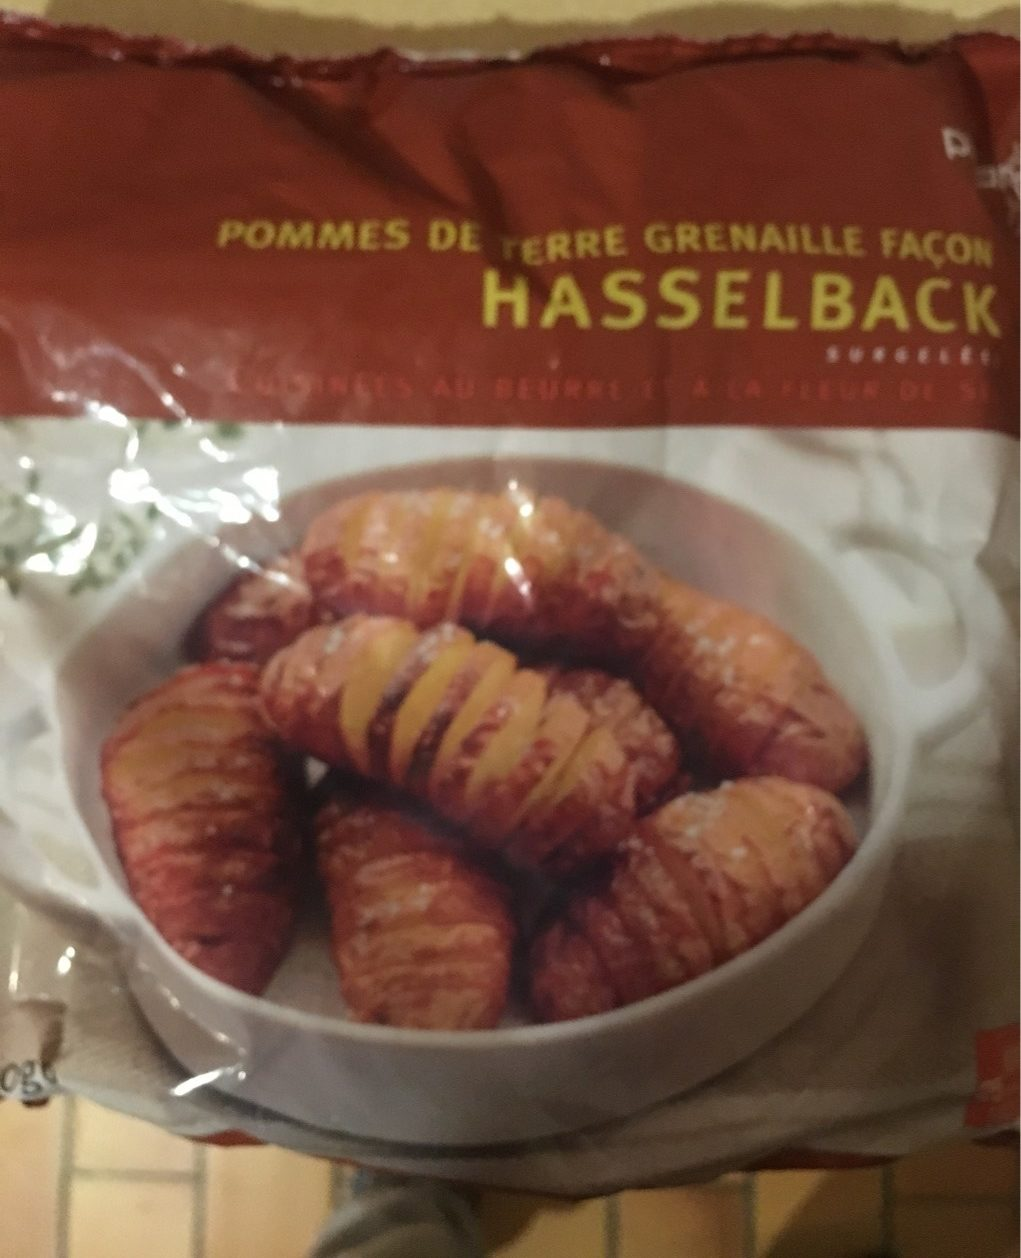 Pommes de terre grenaille - Product - fr